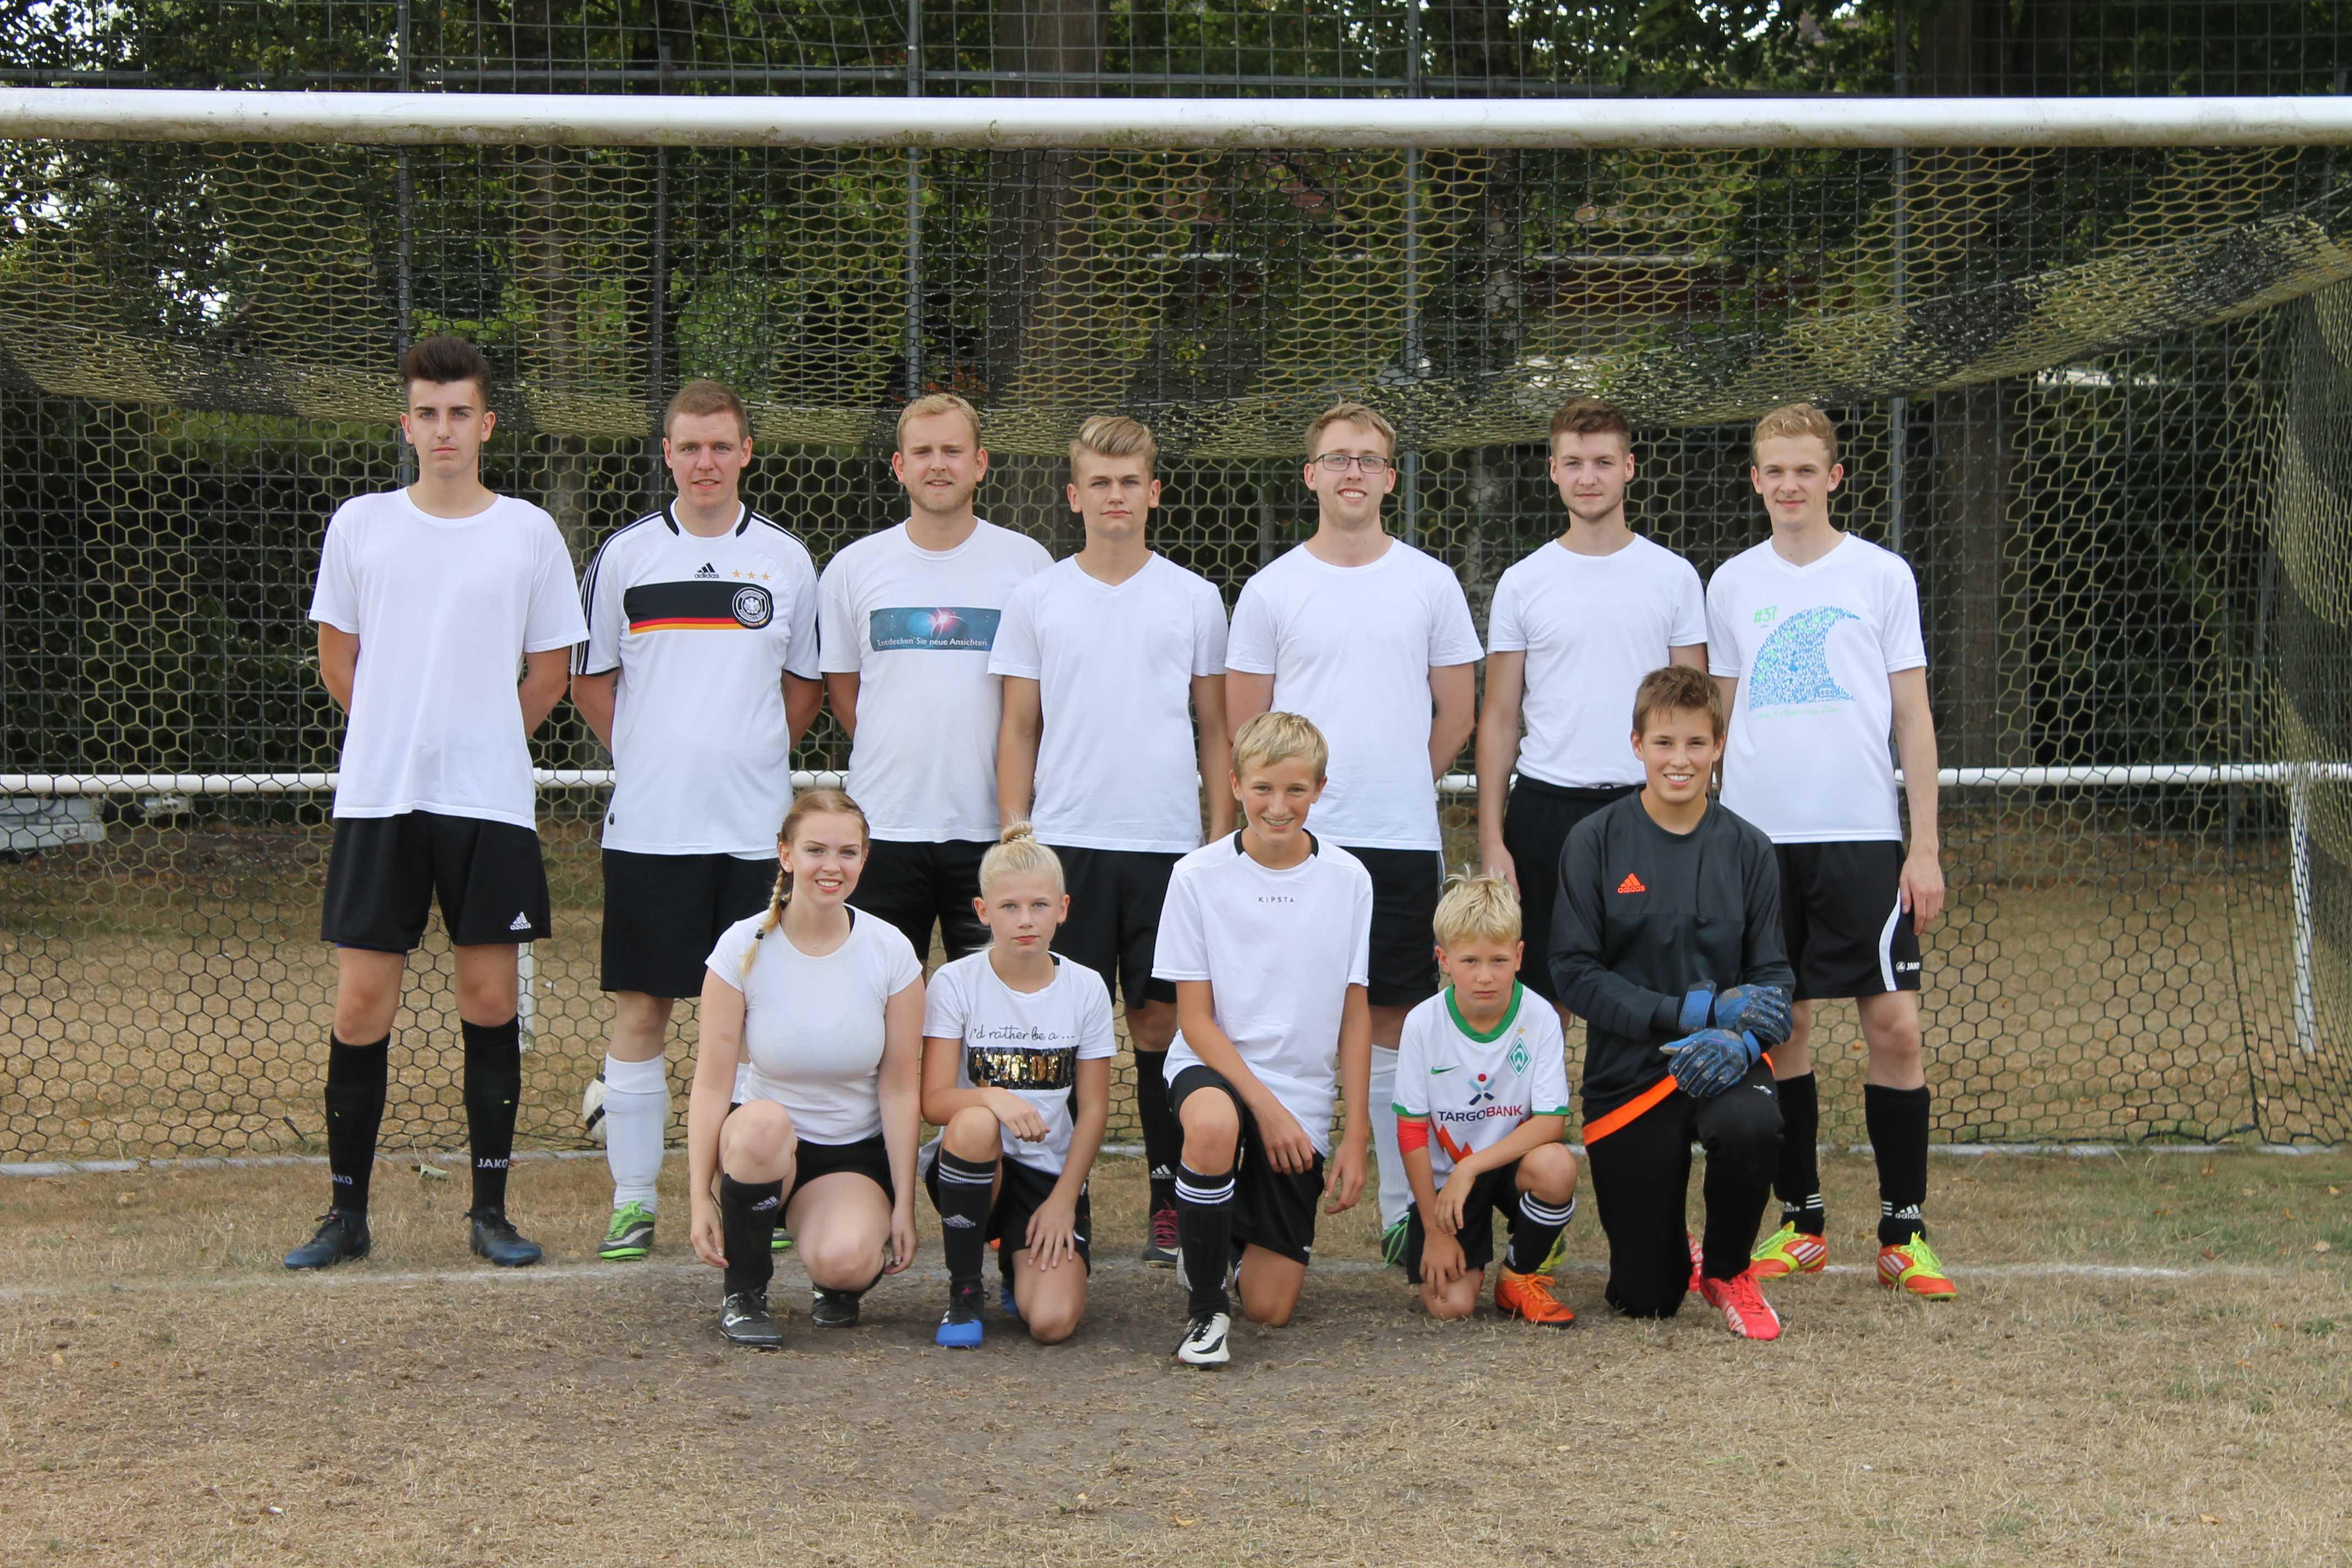 2018-08-04 Sportwoche - Straßenturnier (3)